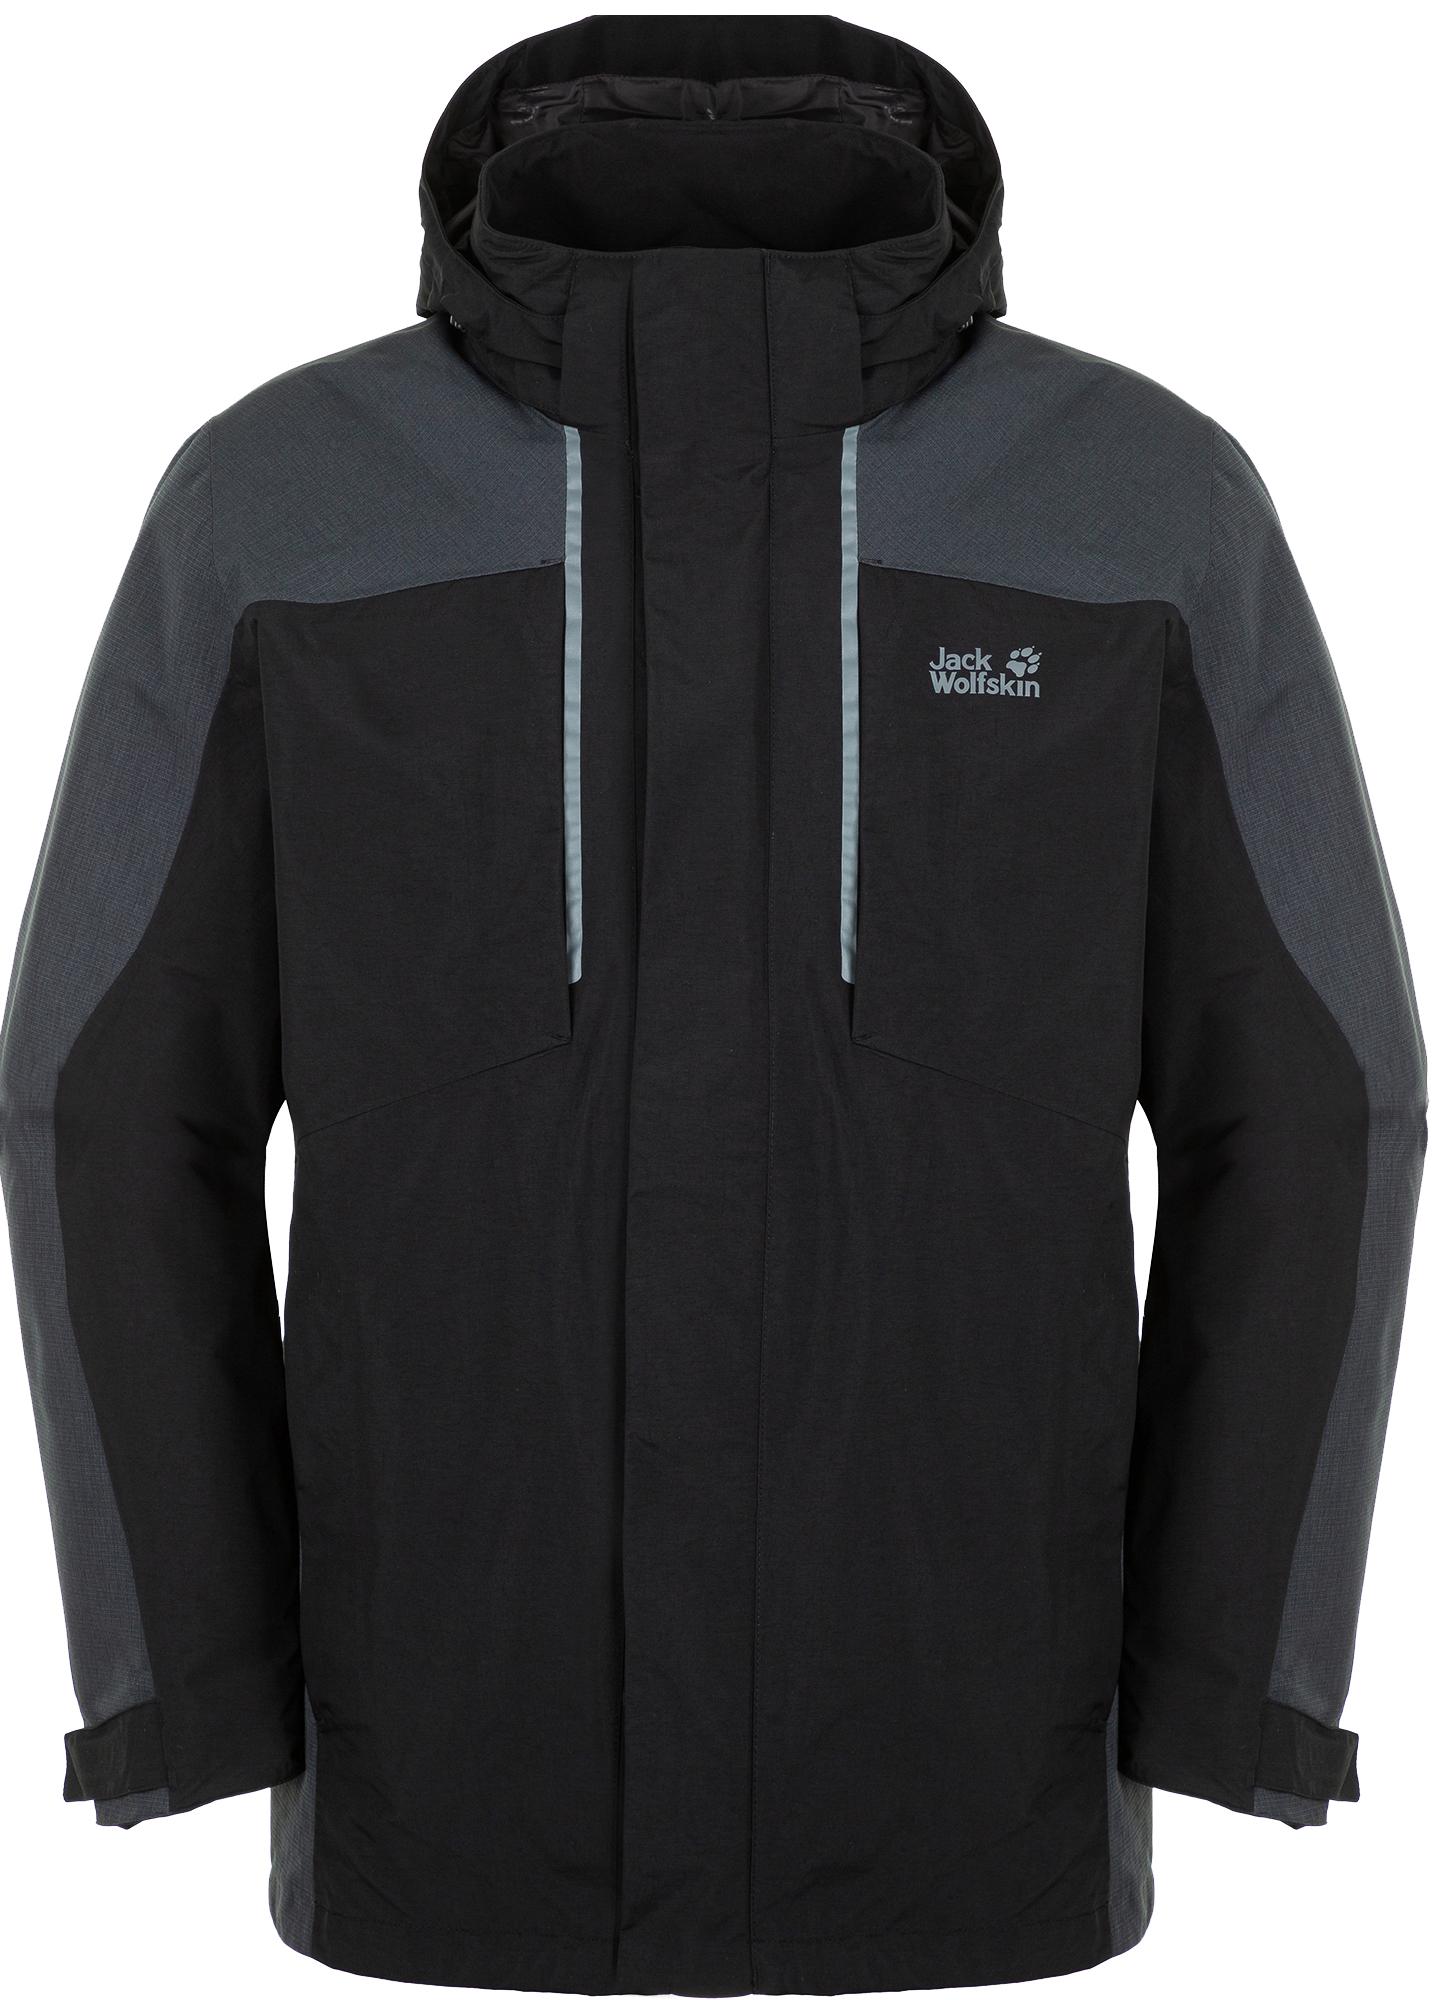 лучшая цена Jack Wolfskin Куртка 3 в 1 мужская Jack Wolfskin Viking Sky, размер 58